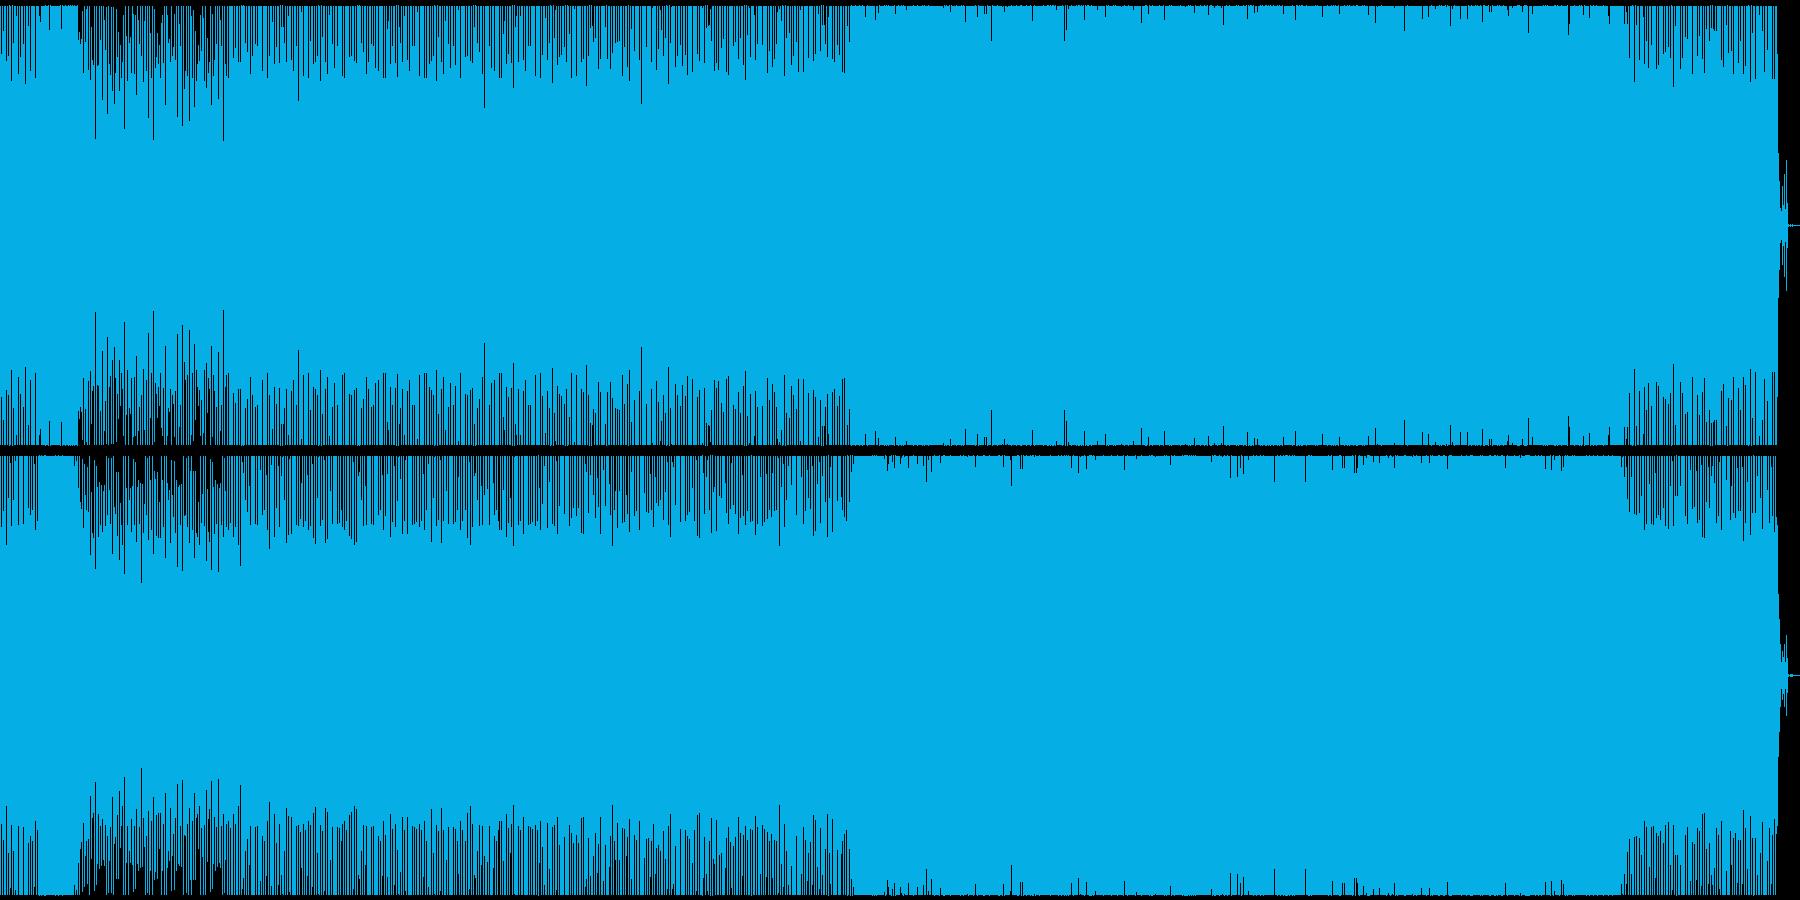 シュールな感じのテクノサウンドの再生済みの波形